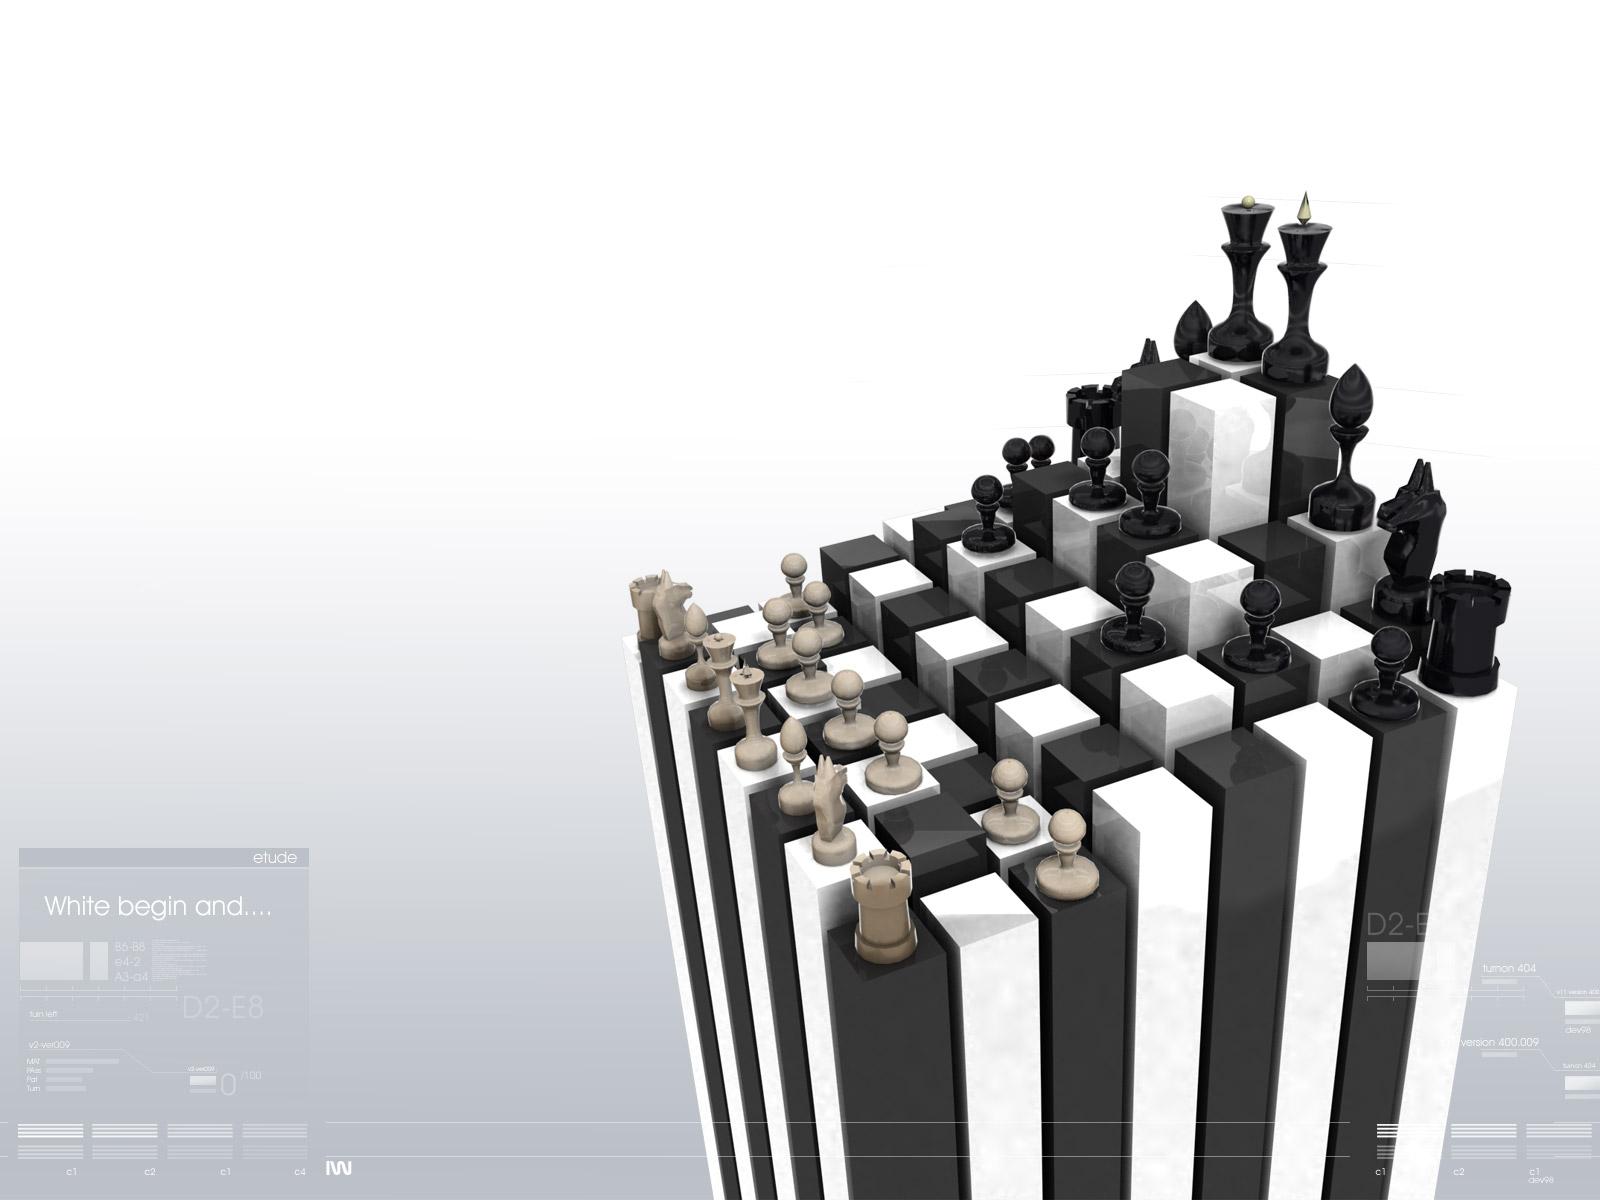 schach computer online